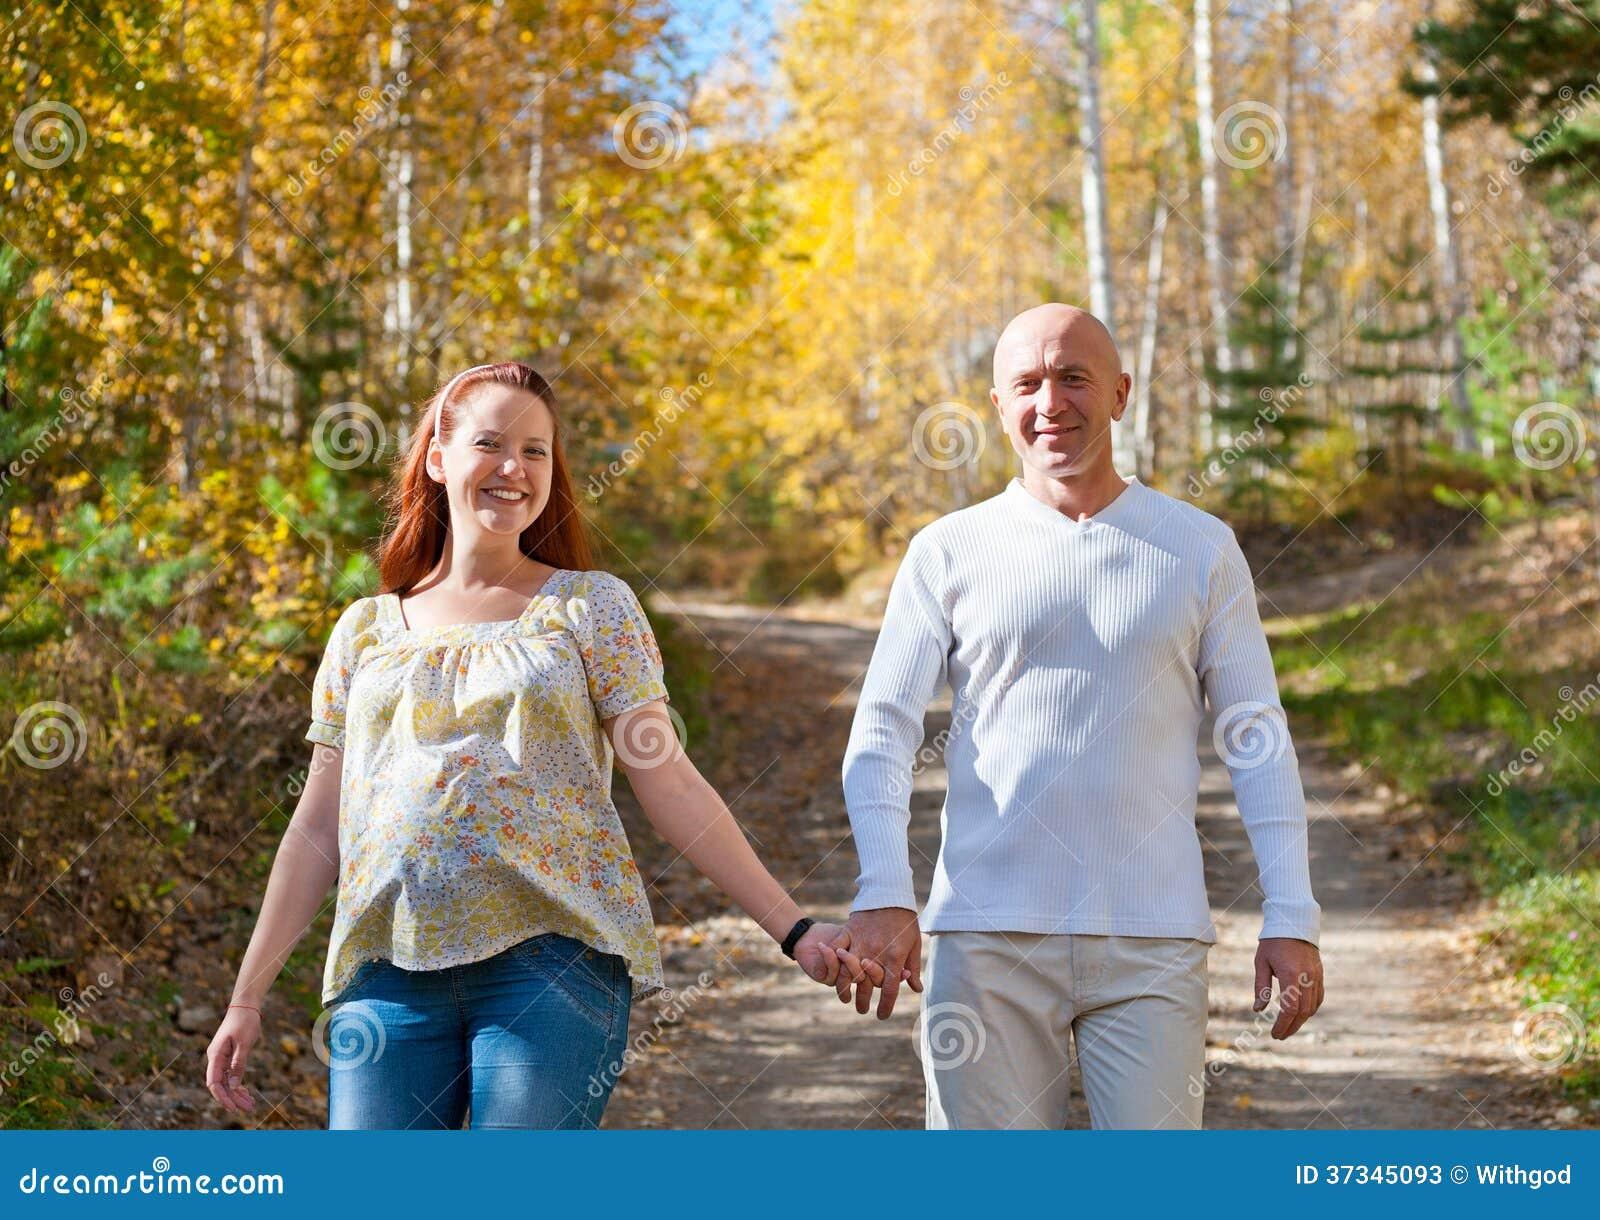 Glücklicher Ehemann und Frau